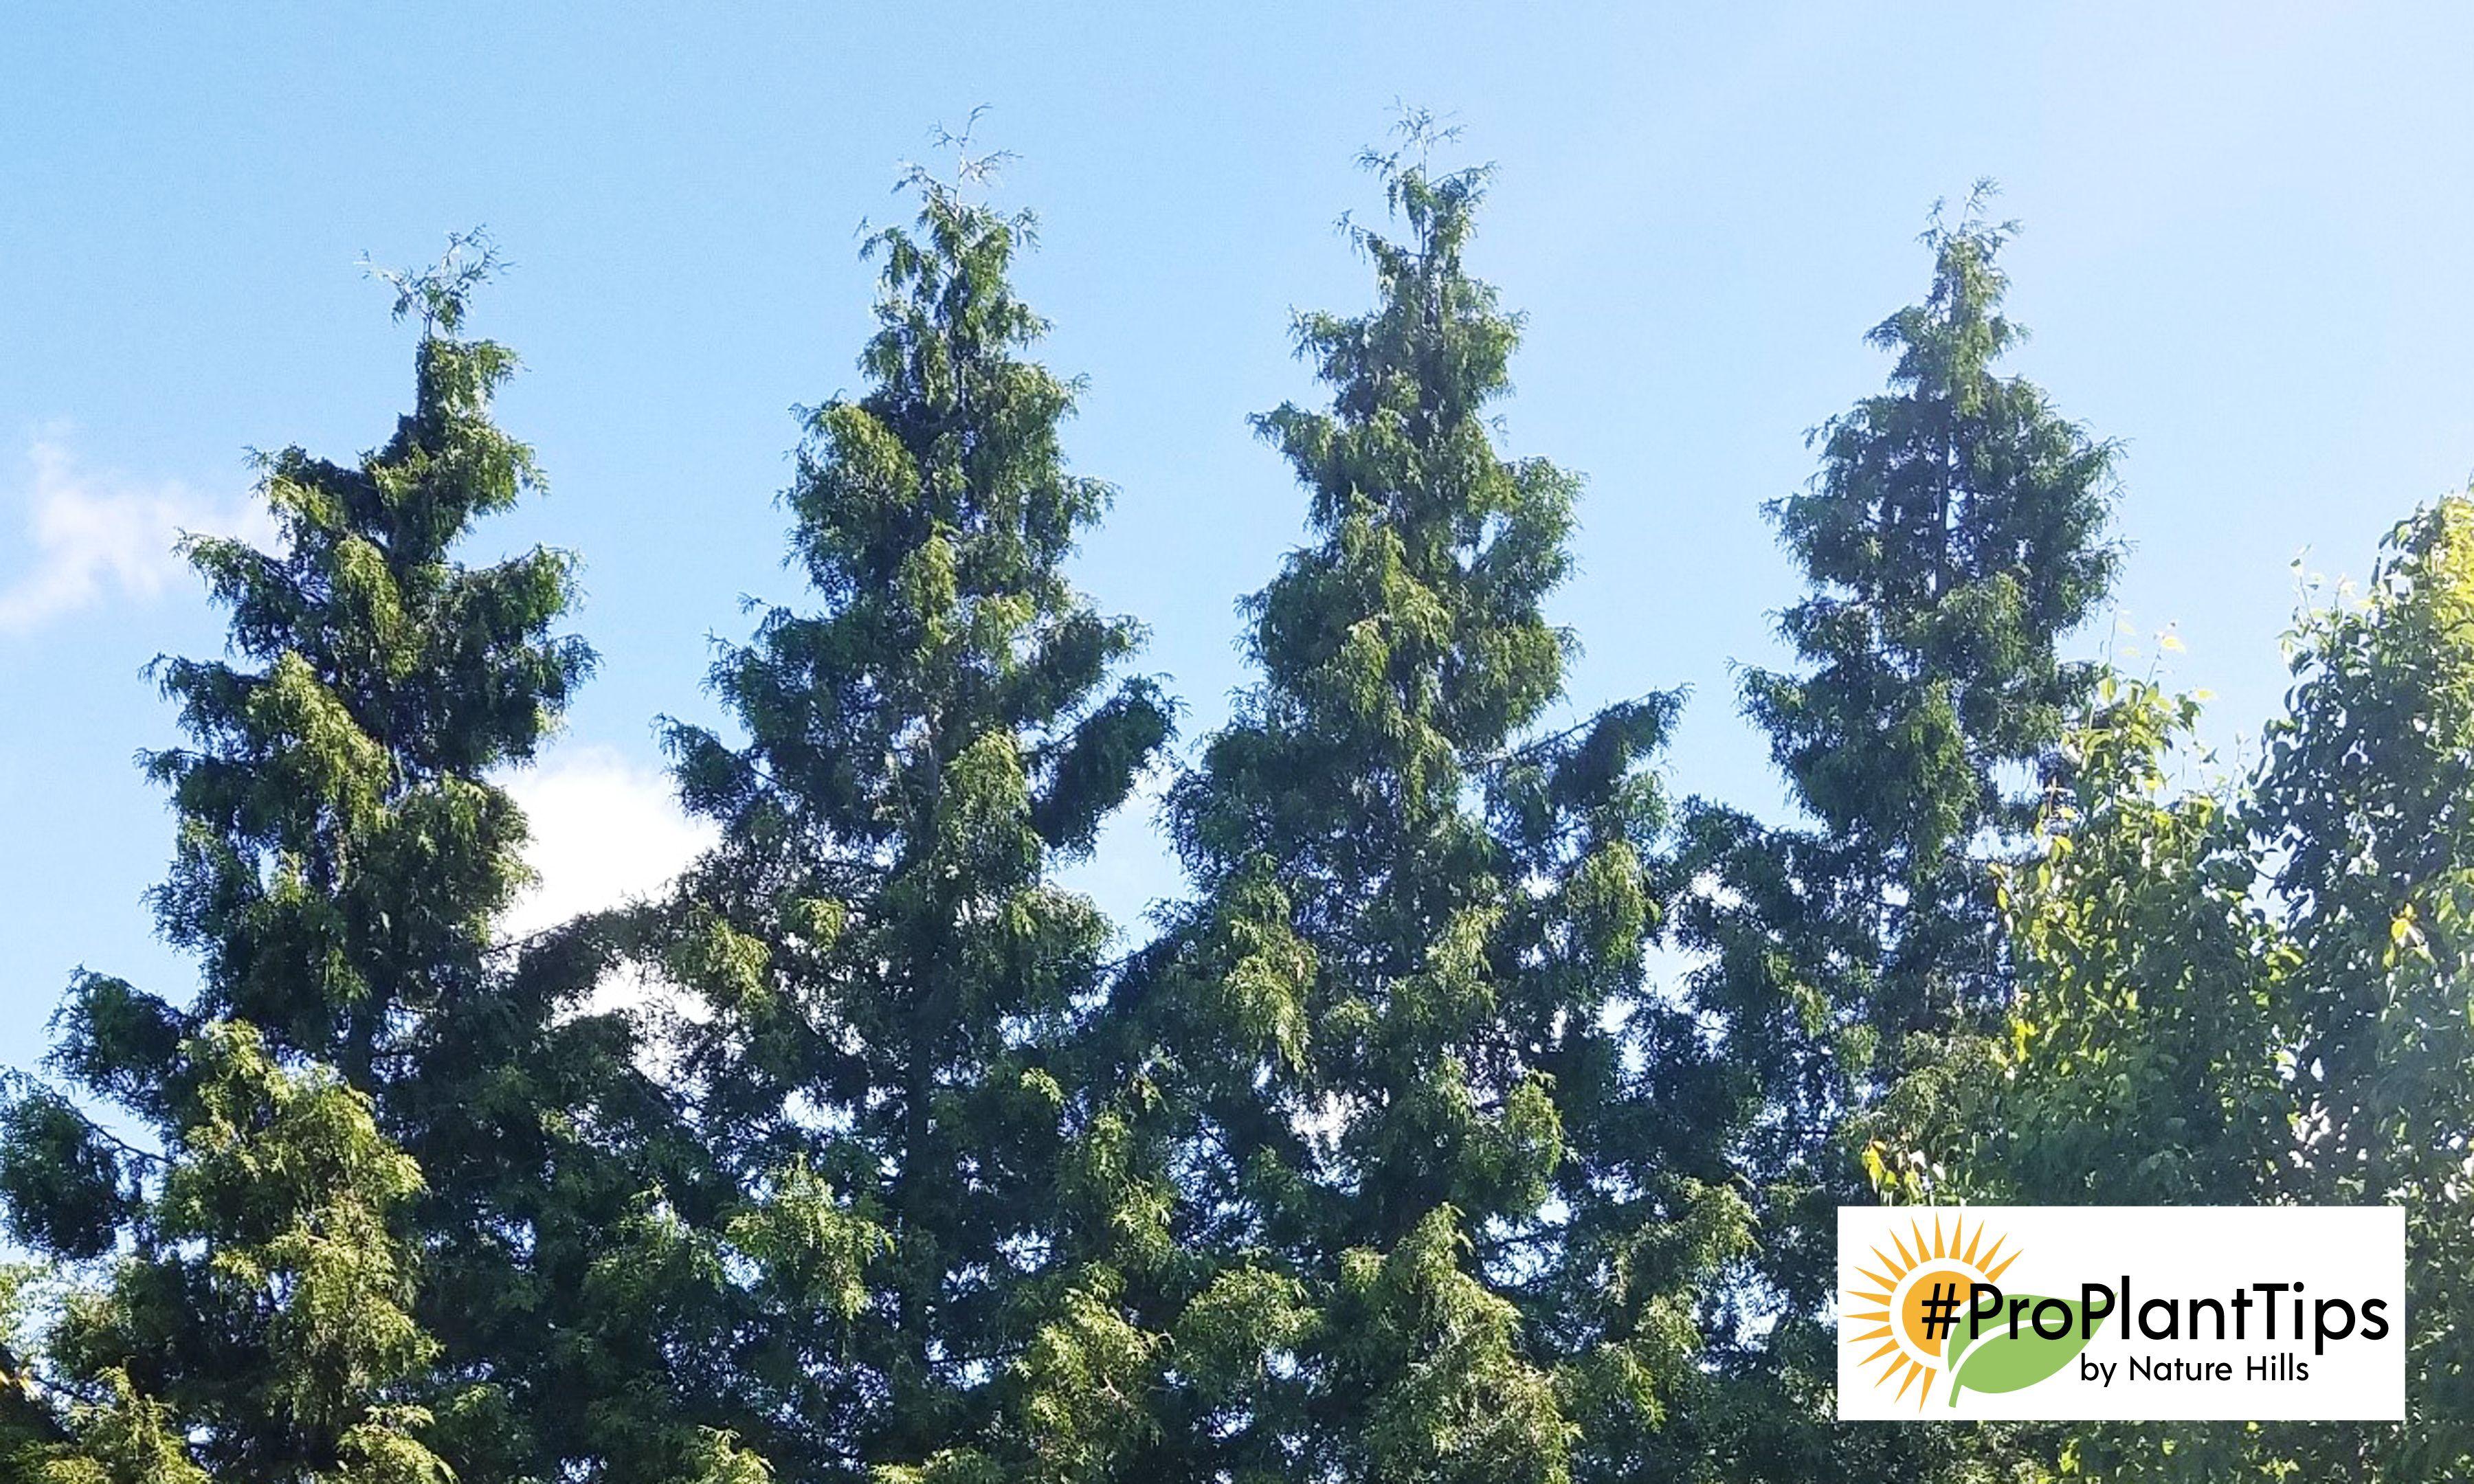 Garden trees for screening  Green Giant Arborvitae  Arborvitae Trees  Pinterest  Green giant